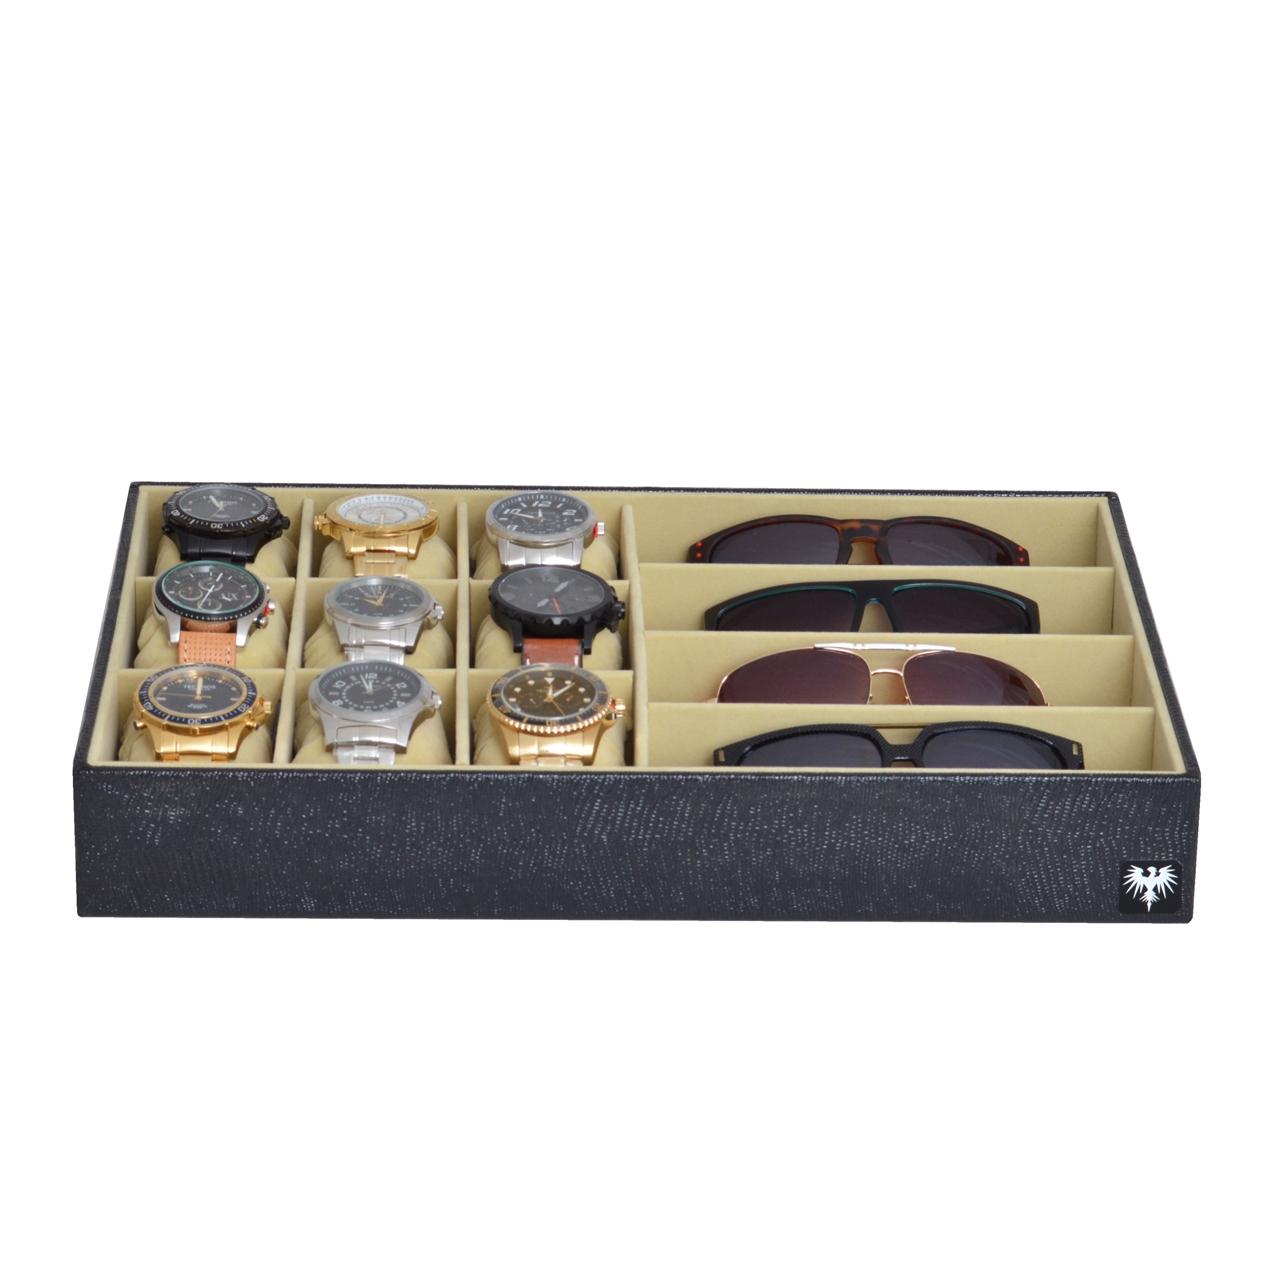 bandeja-couro-ecologico-9-relogios-4-oculos-preto-bege-porta-imagem-4.jpg